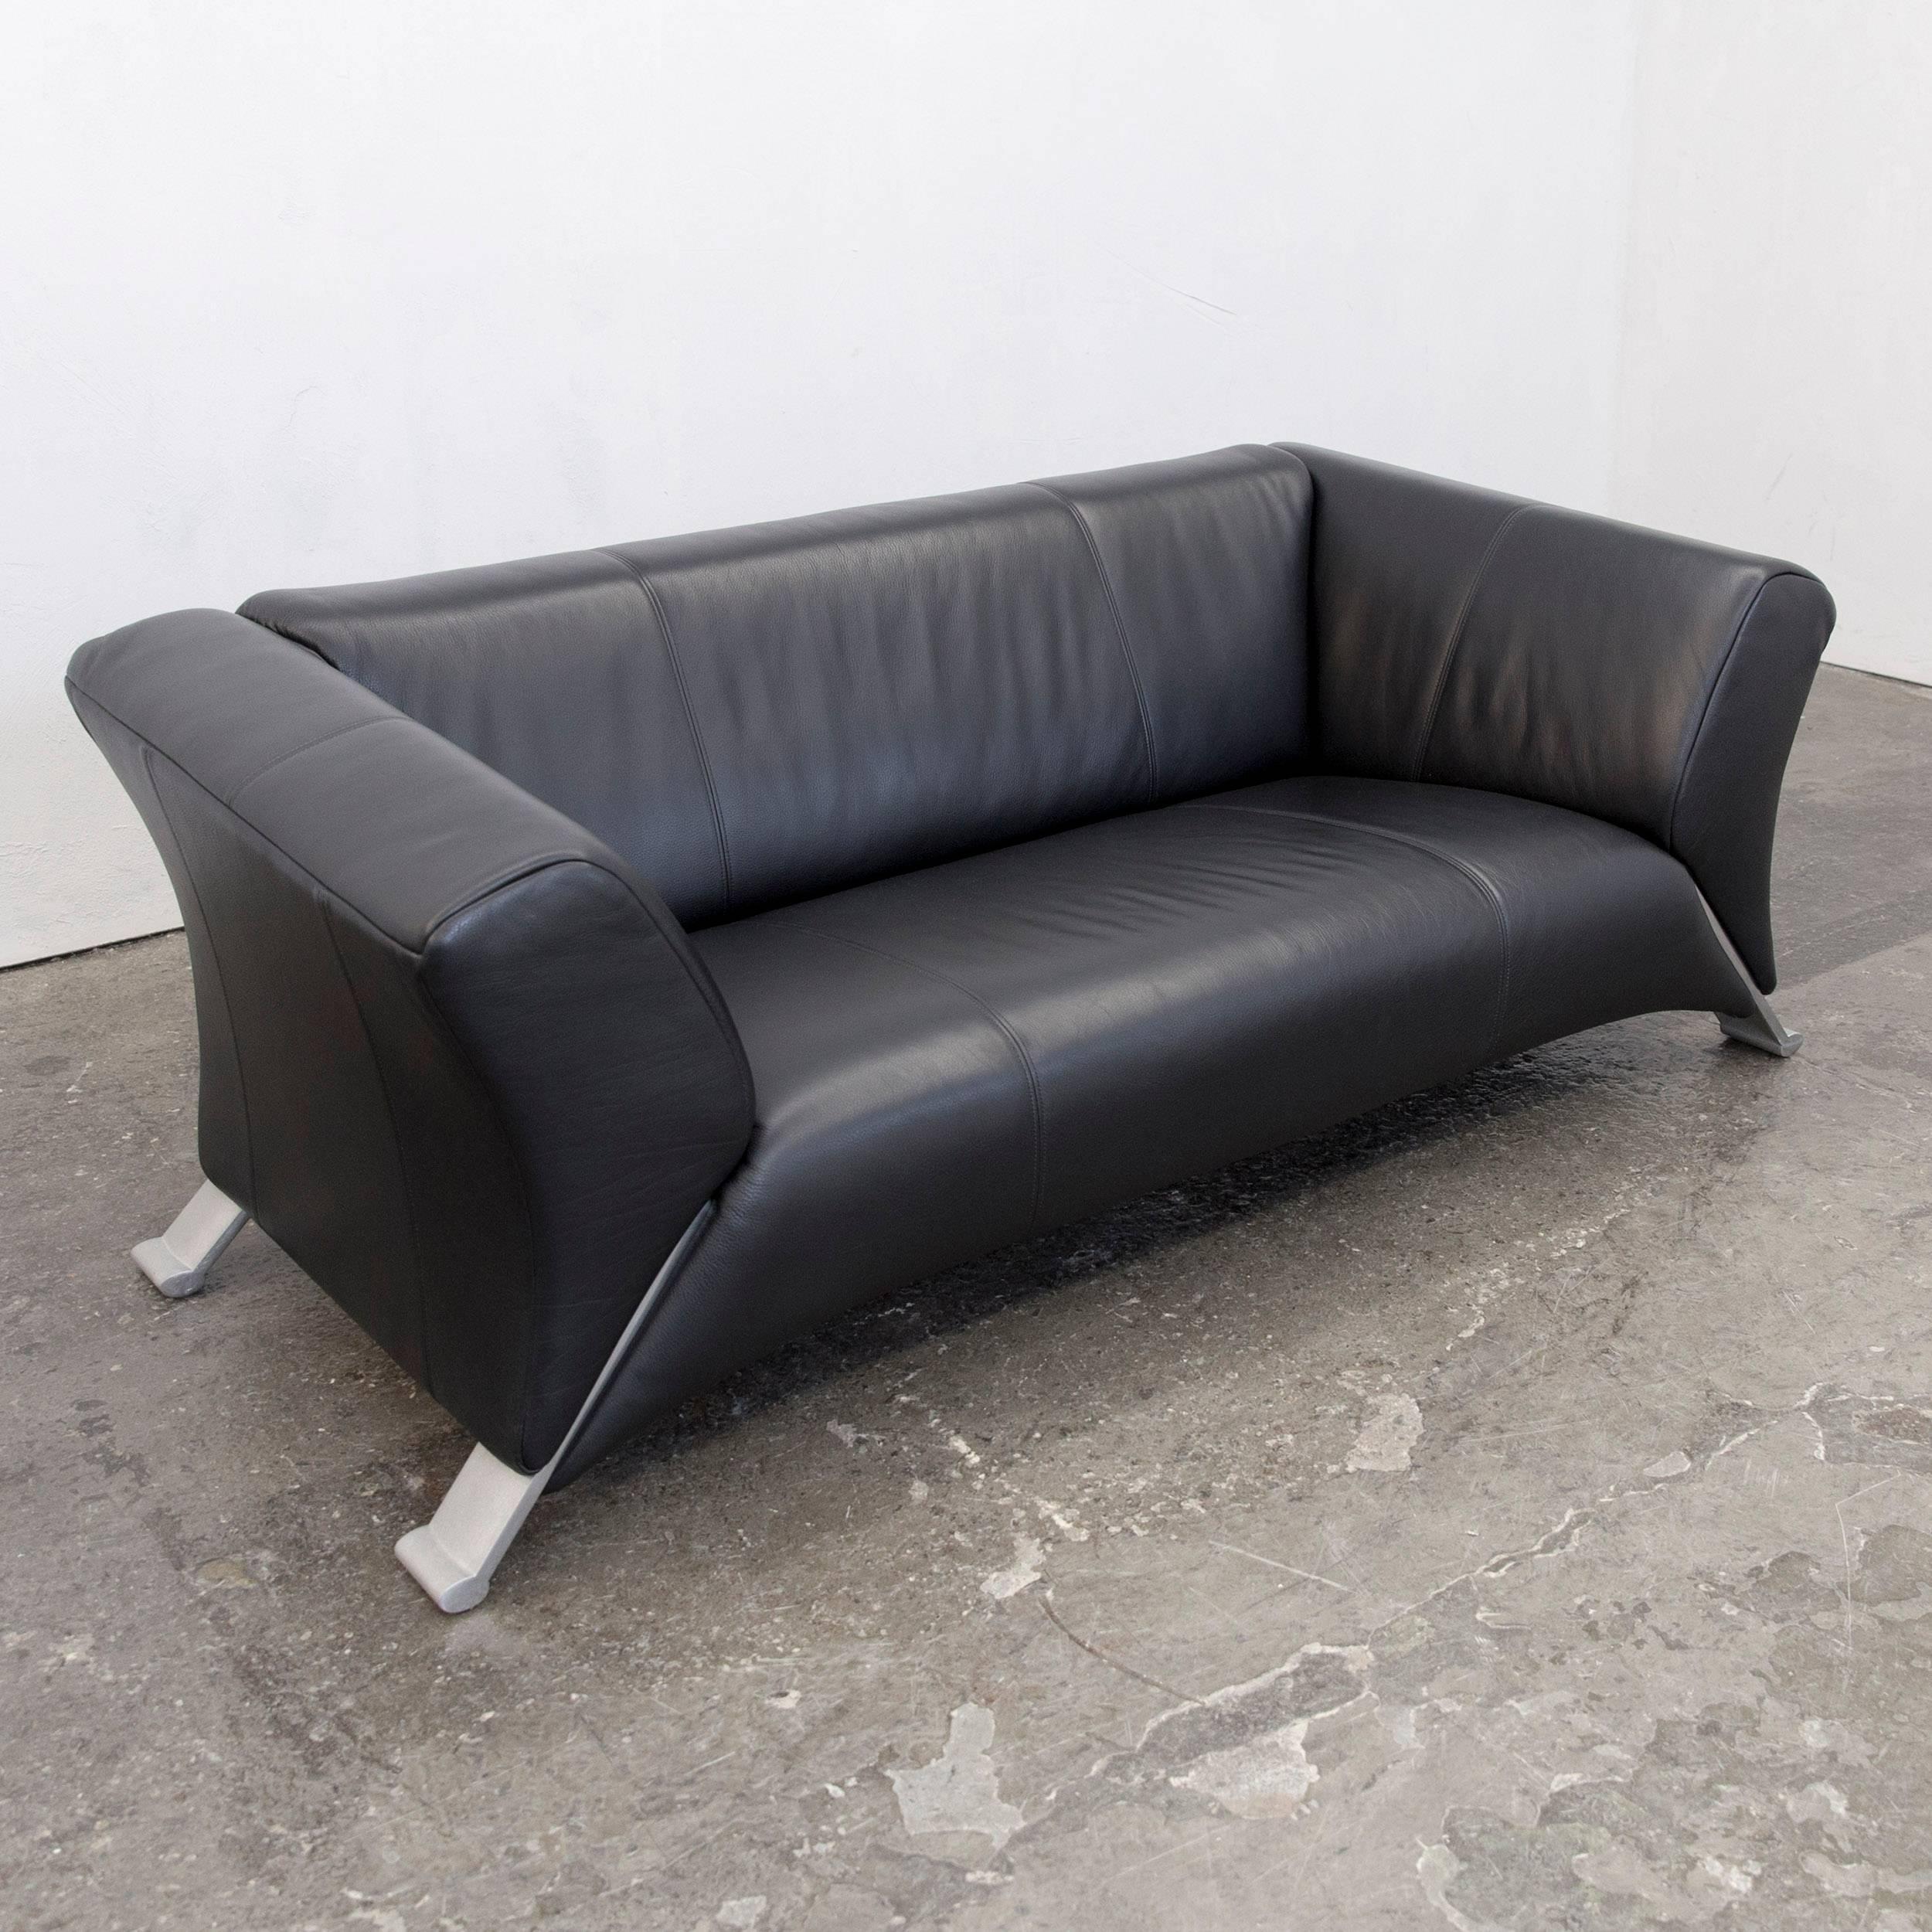 Schön Sofa Echtleder Galerie Von Excellent Rolf Benz Designer Black Two Seat